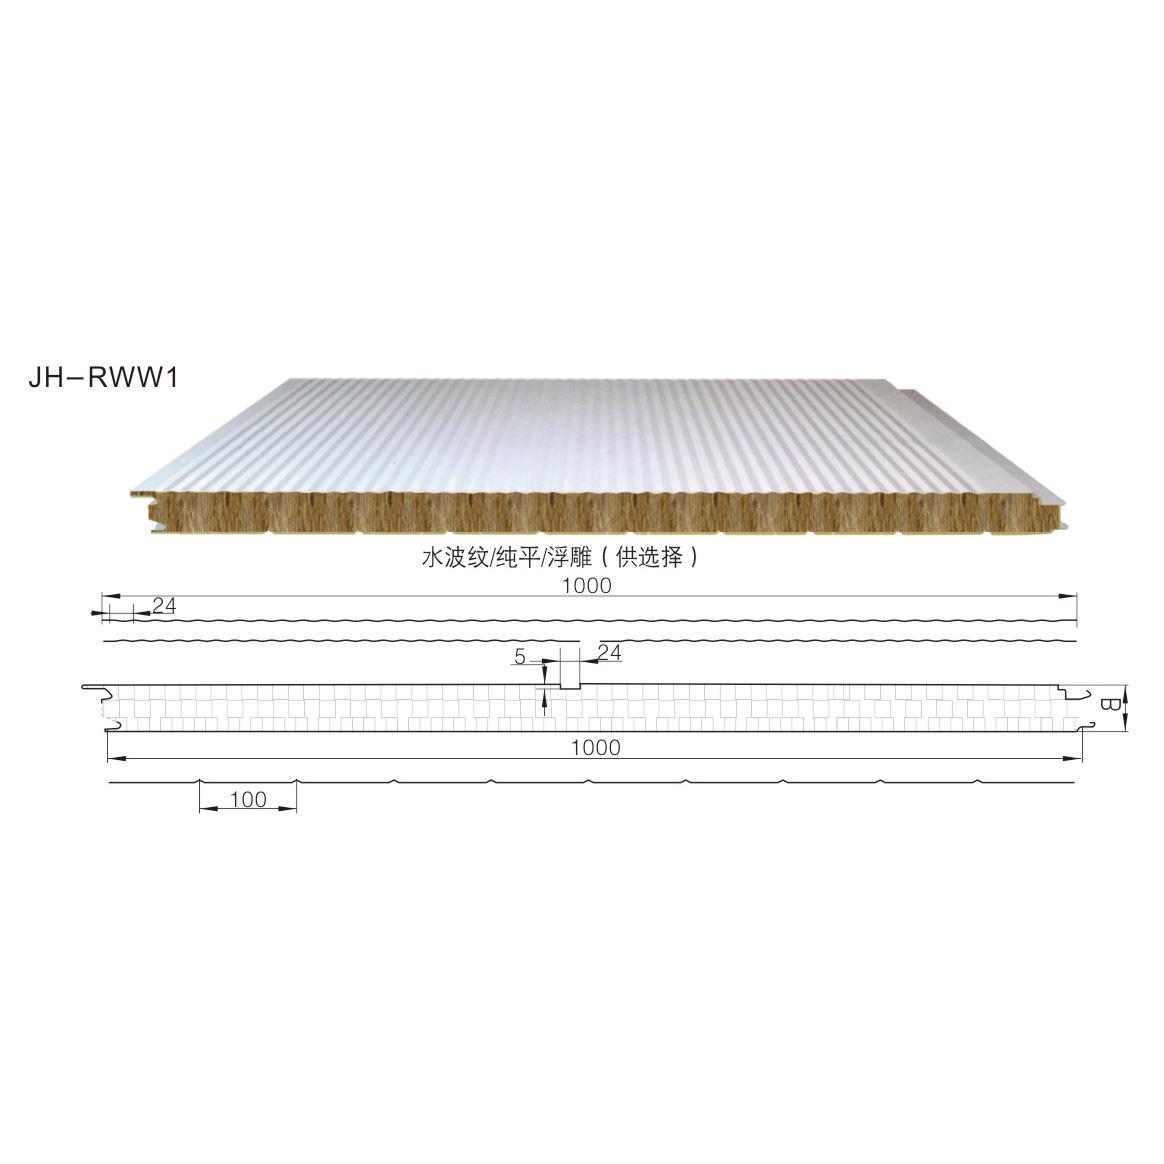 纯岩棉墙面夹芯板JH-RWW1